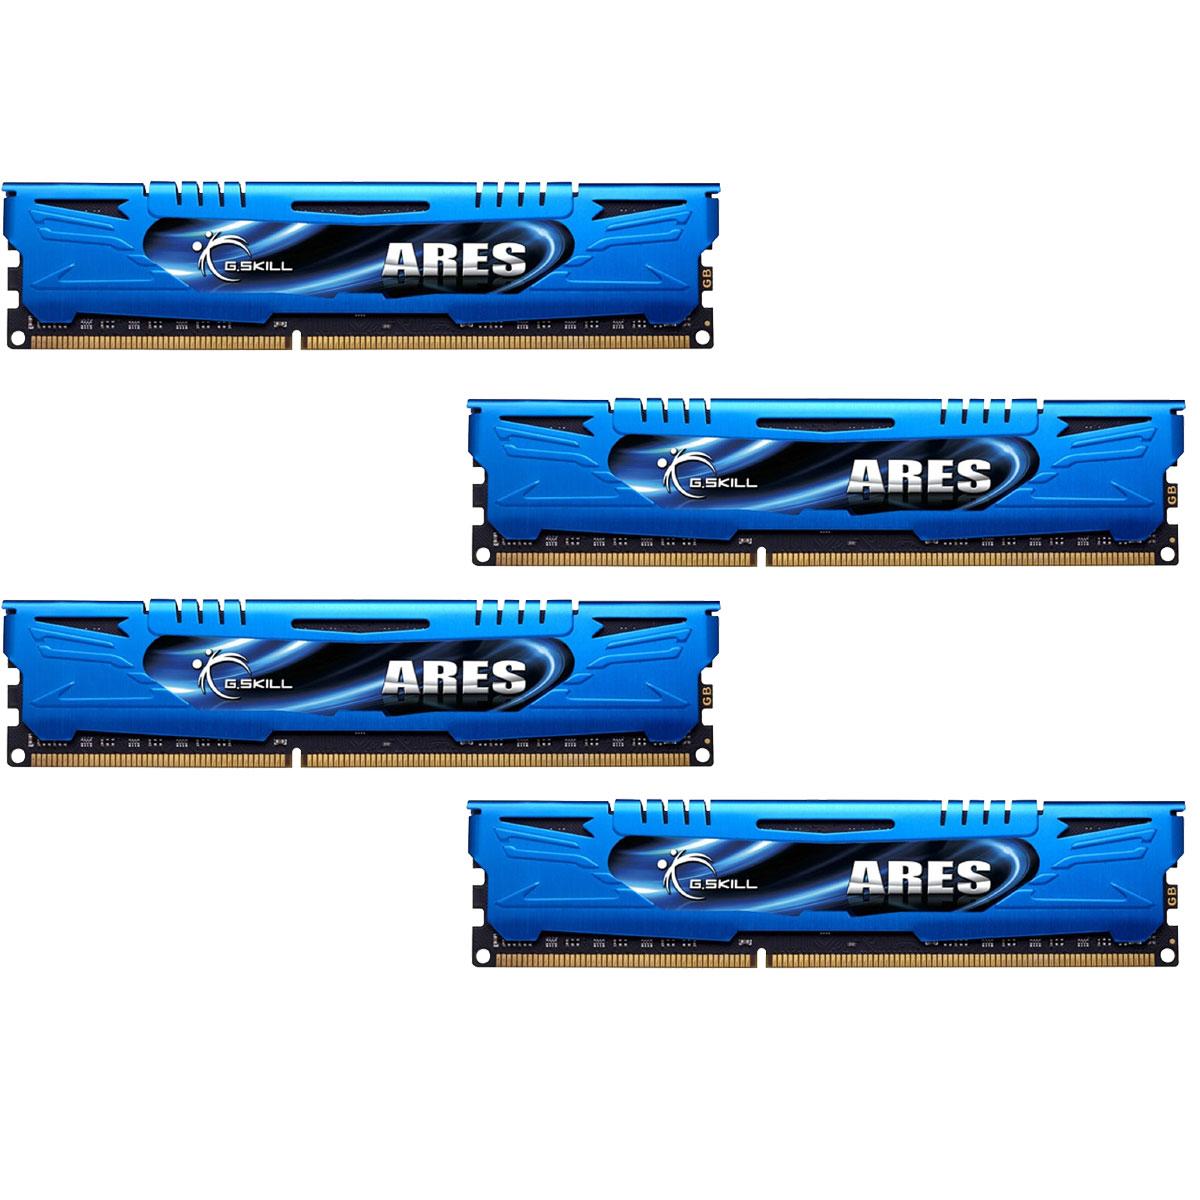 Mémoire PC G.Skill Ares Blue Series 32 Go (4 x 8 Go) DDR3 2133 MHz CL10 Kit Quad Channel DDR3 PC3-17000 - F3-2133C10Q-32GAB (garantie à vie par G.Skill)